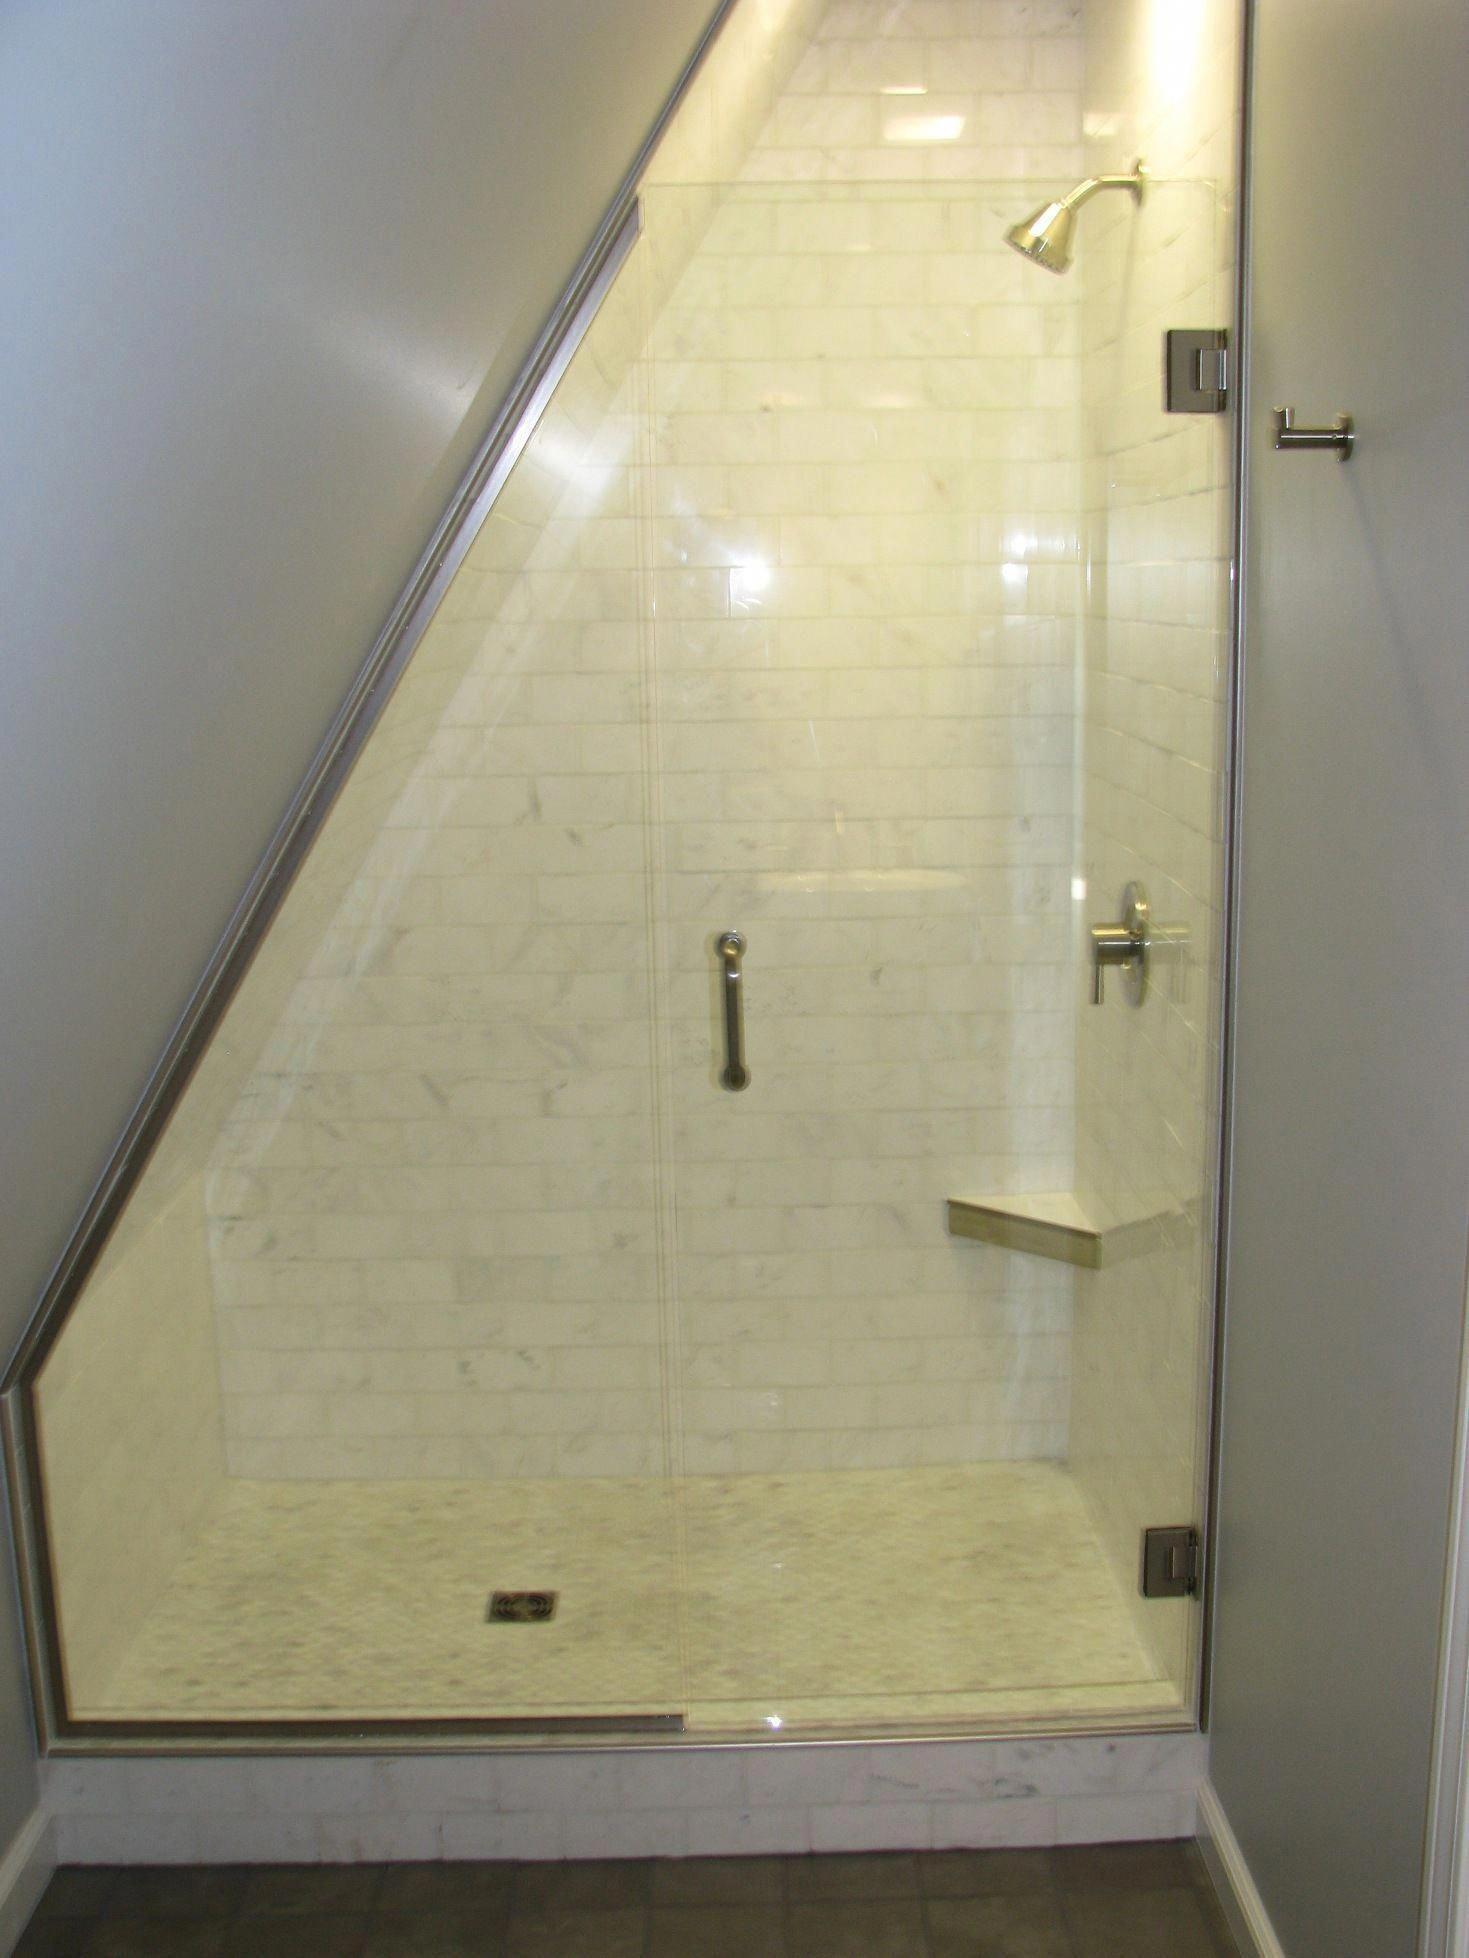 Attic Bathroom Remodeling Ideas Prime Attic Bathroom Attic Bathrooms Ideas Attic Bathroom Layout Ba Small Attic Bathroom Bathroom Layout Attic Shower